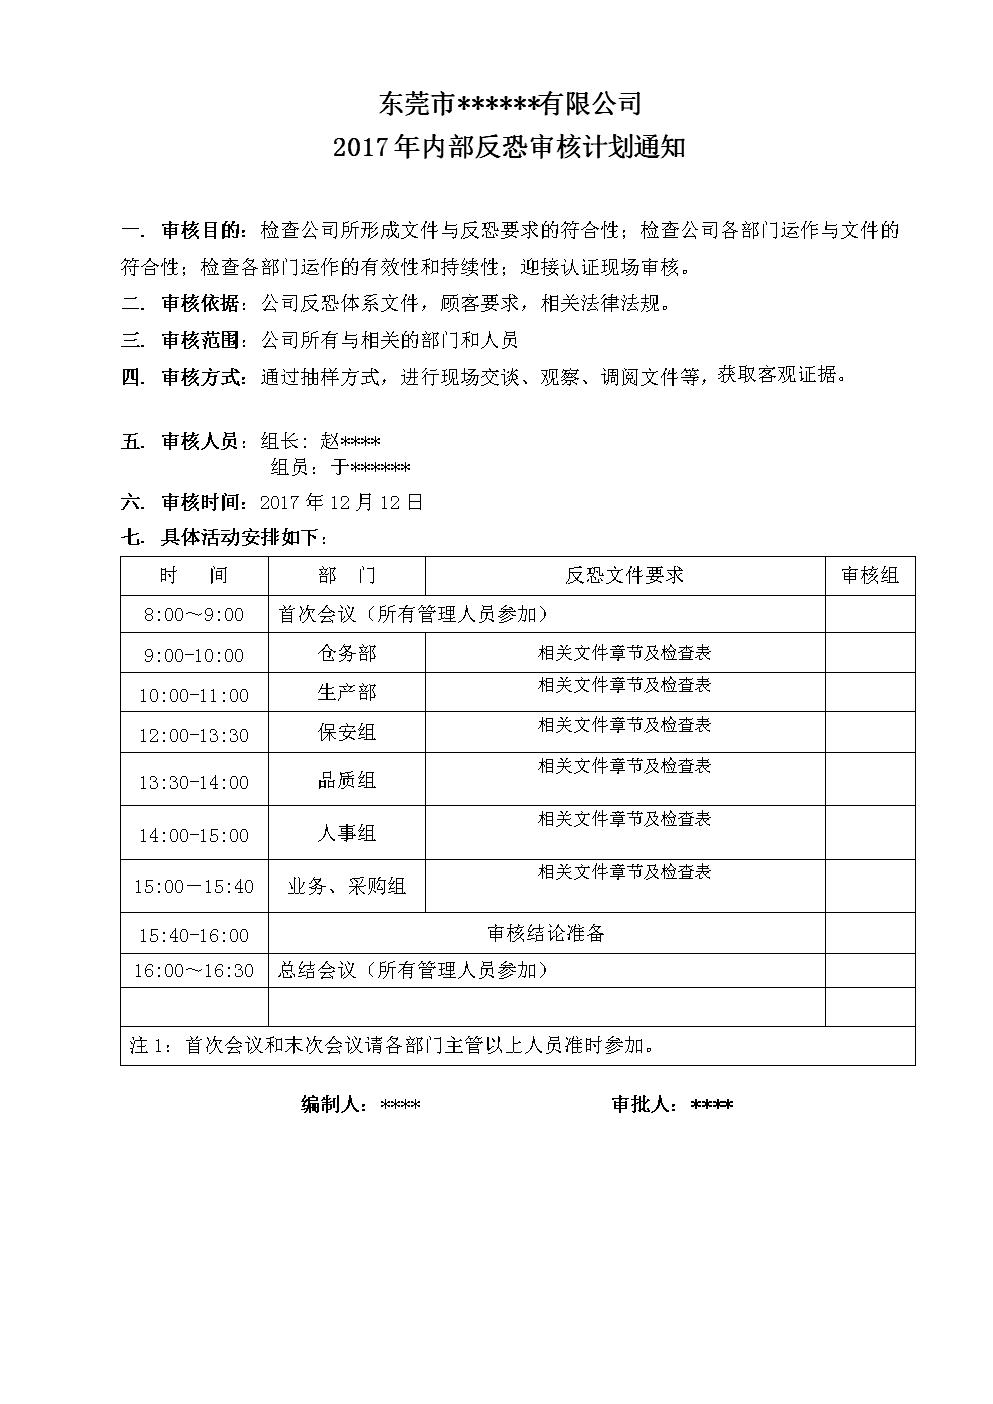 反恐内审计划.doc